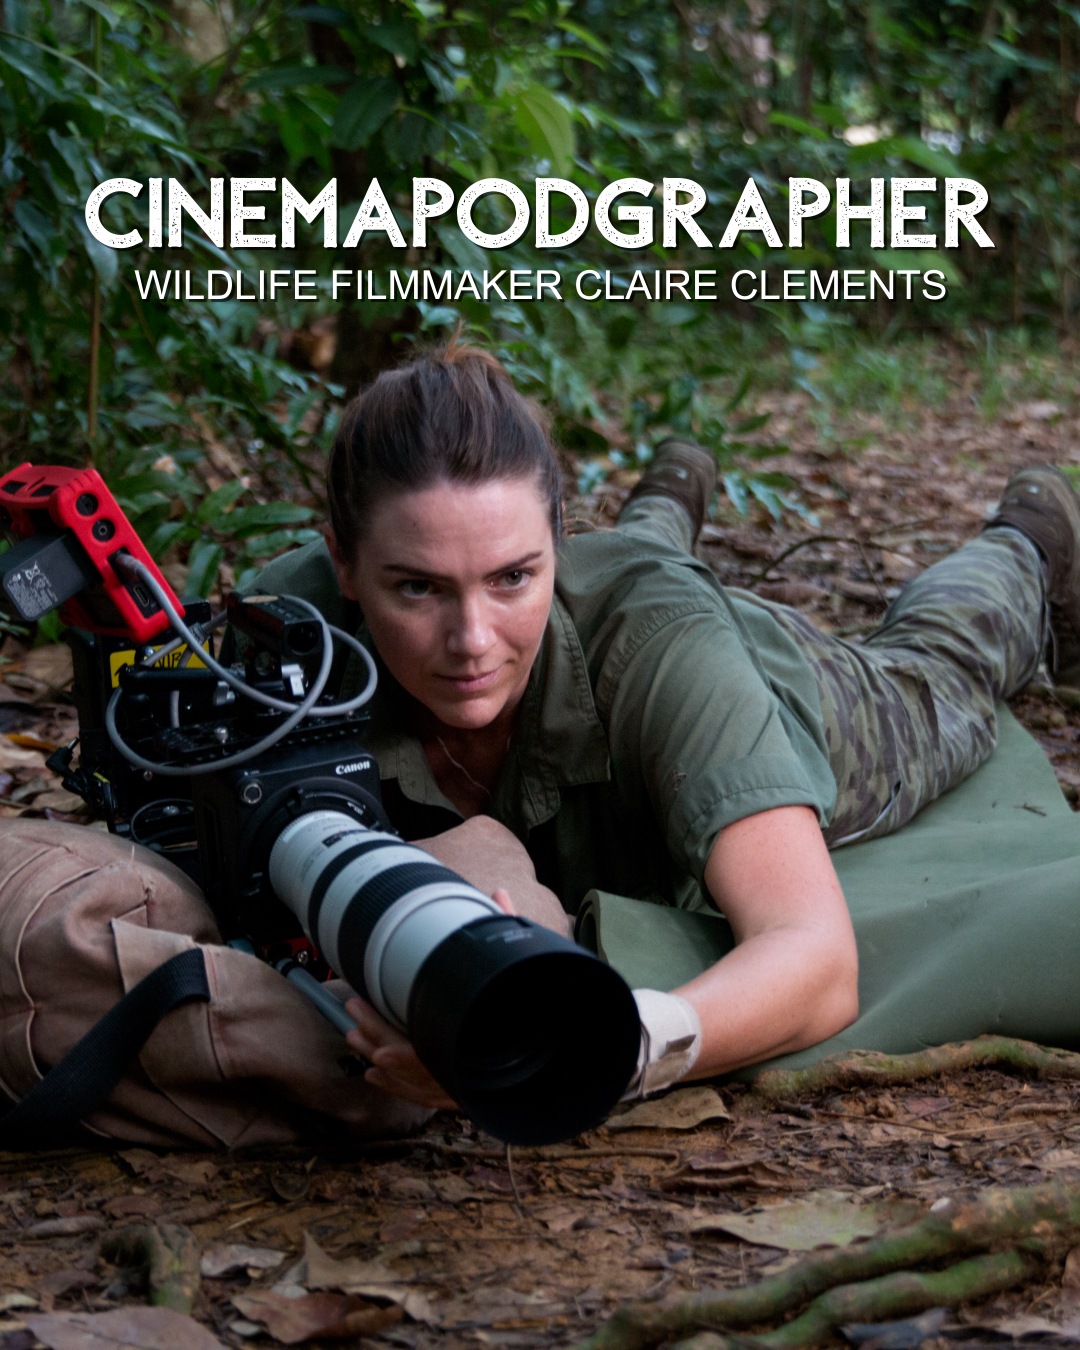 Wildlife filmmaker Claire Clements